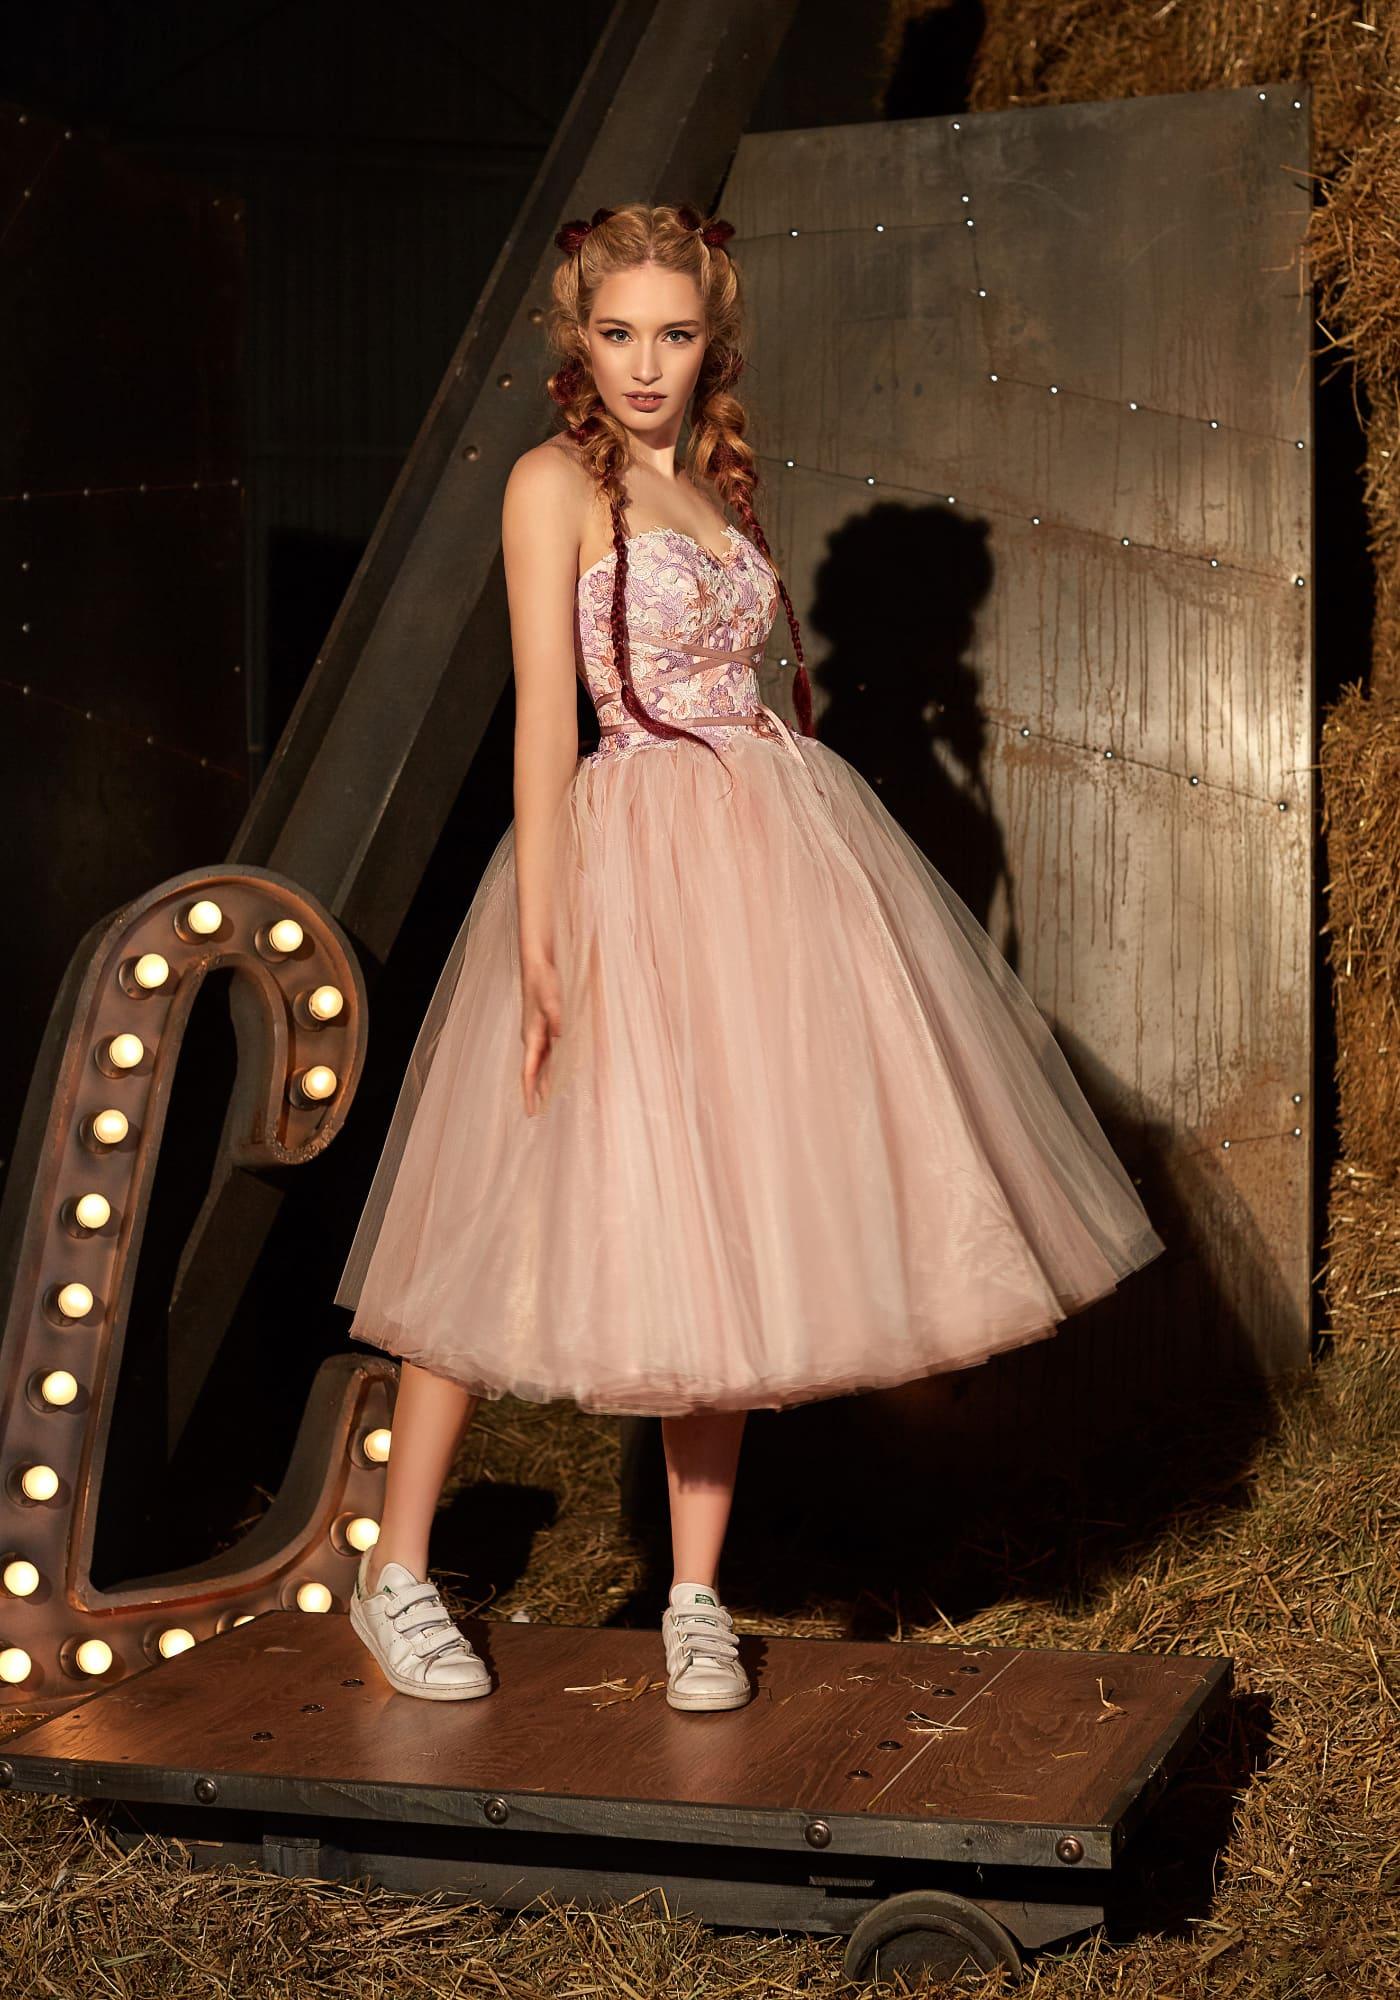 e7304db724db227 Открытое вечернее платье в персиковых тонах с роскошной пышной юбкой миди.